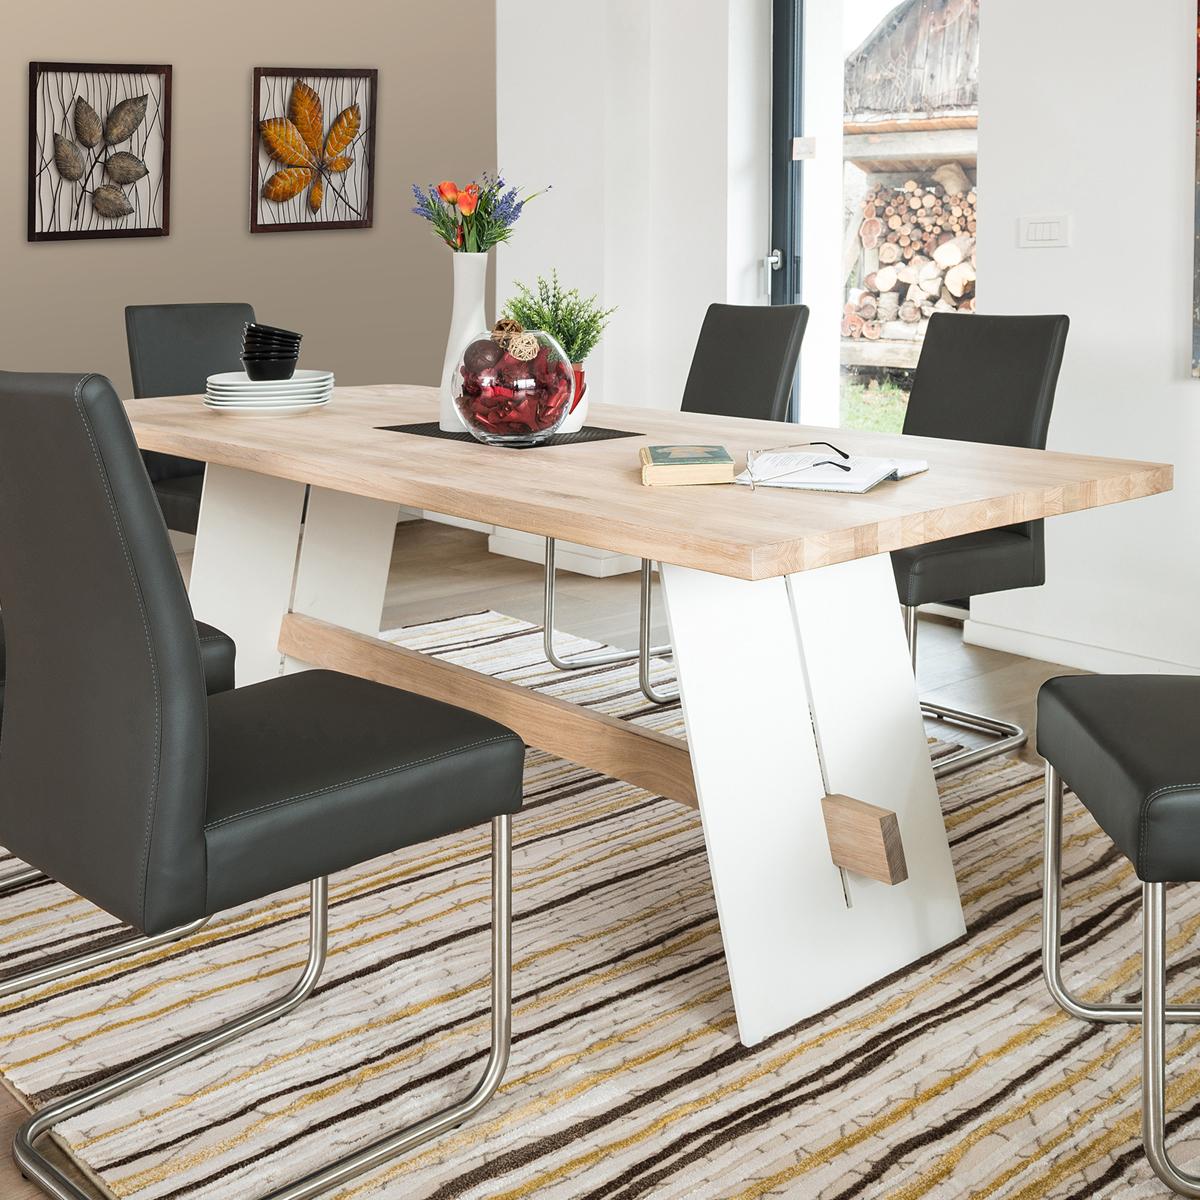 esstisch aladin tisch 200x95 cm eiche bianco massiv und wei lackiert esszimmer ebay. Black Bedroom Furniture Sets. Home Design Ideas